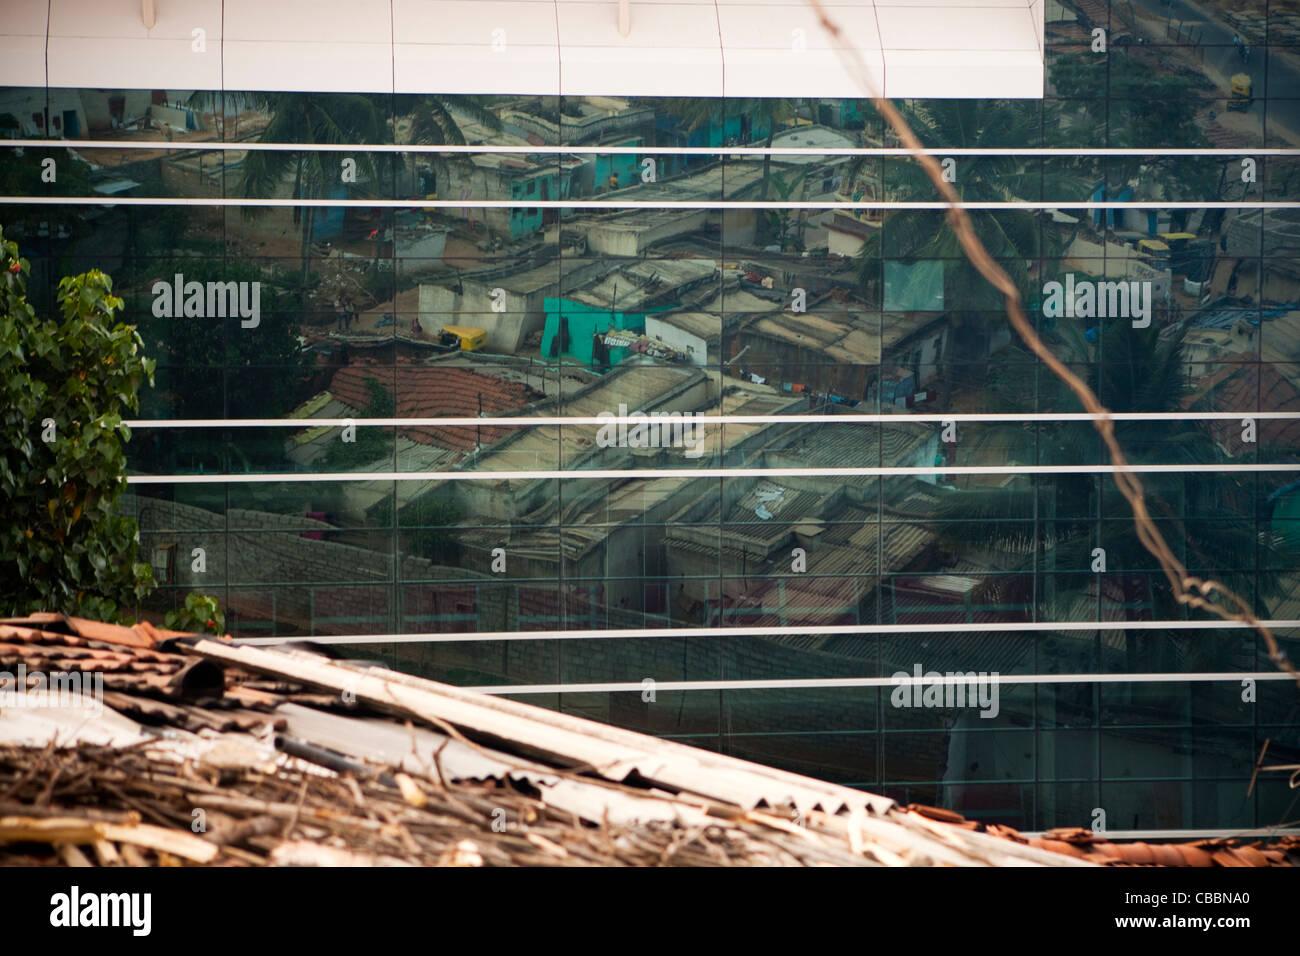 Città di elettronica, Bangalore, Karnataka, India. Immagini Stock